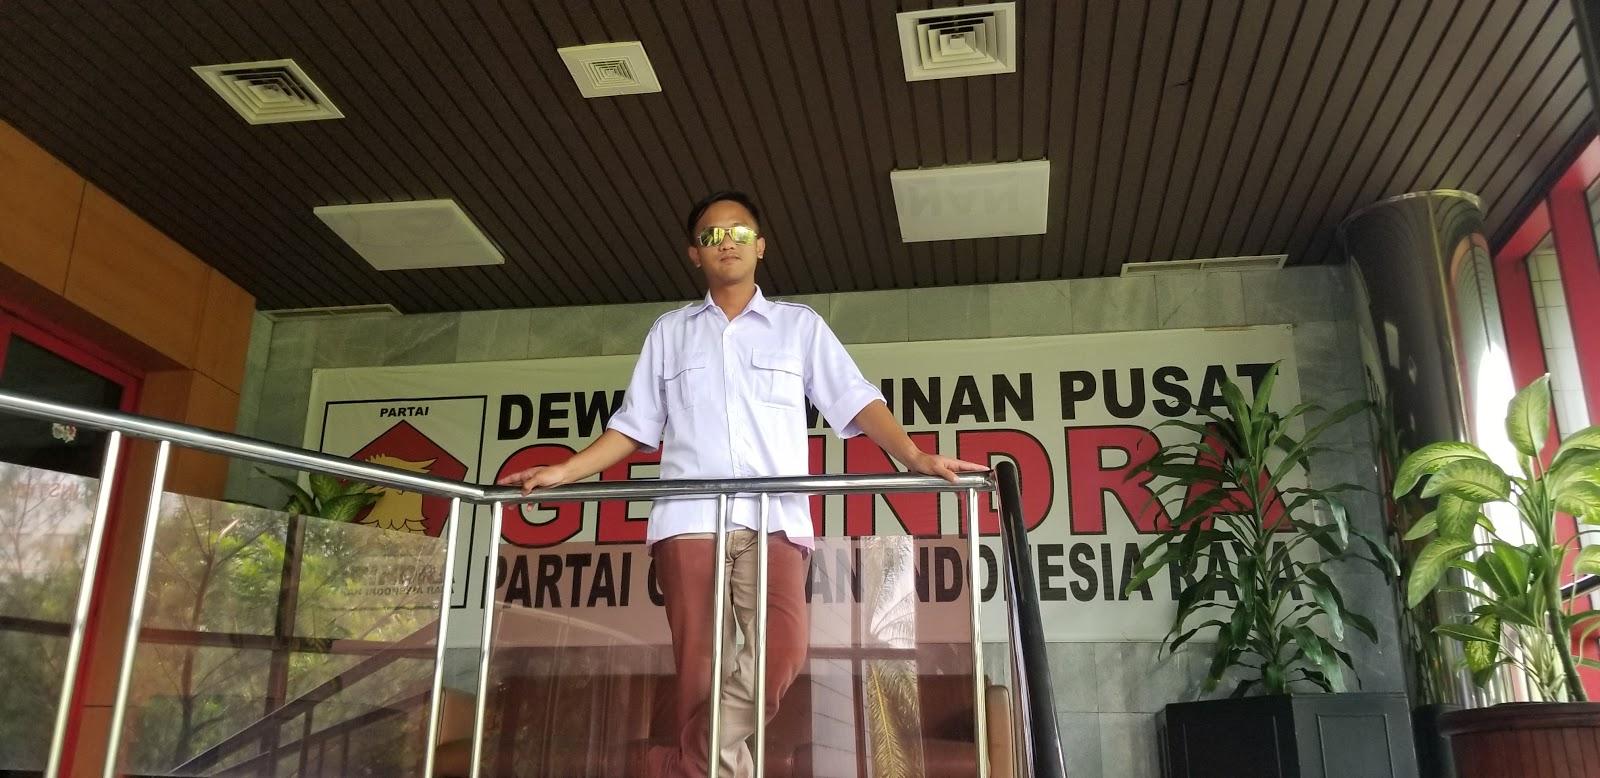 Kantor Dewan Pimpinan Pusat (DPP) Partai Gerakan Indonesia Raya (Gerindra) - Jakarta Selatan